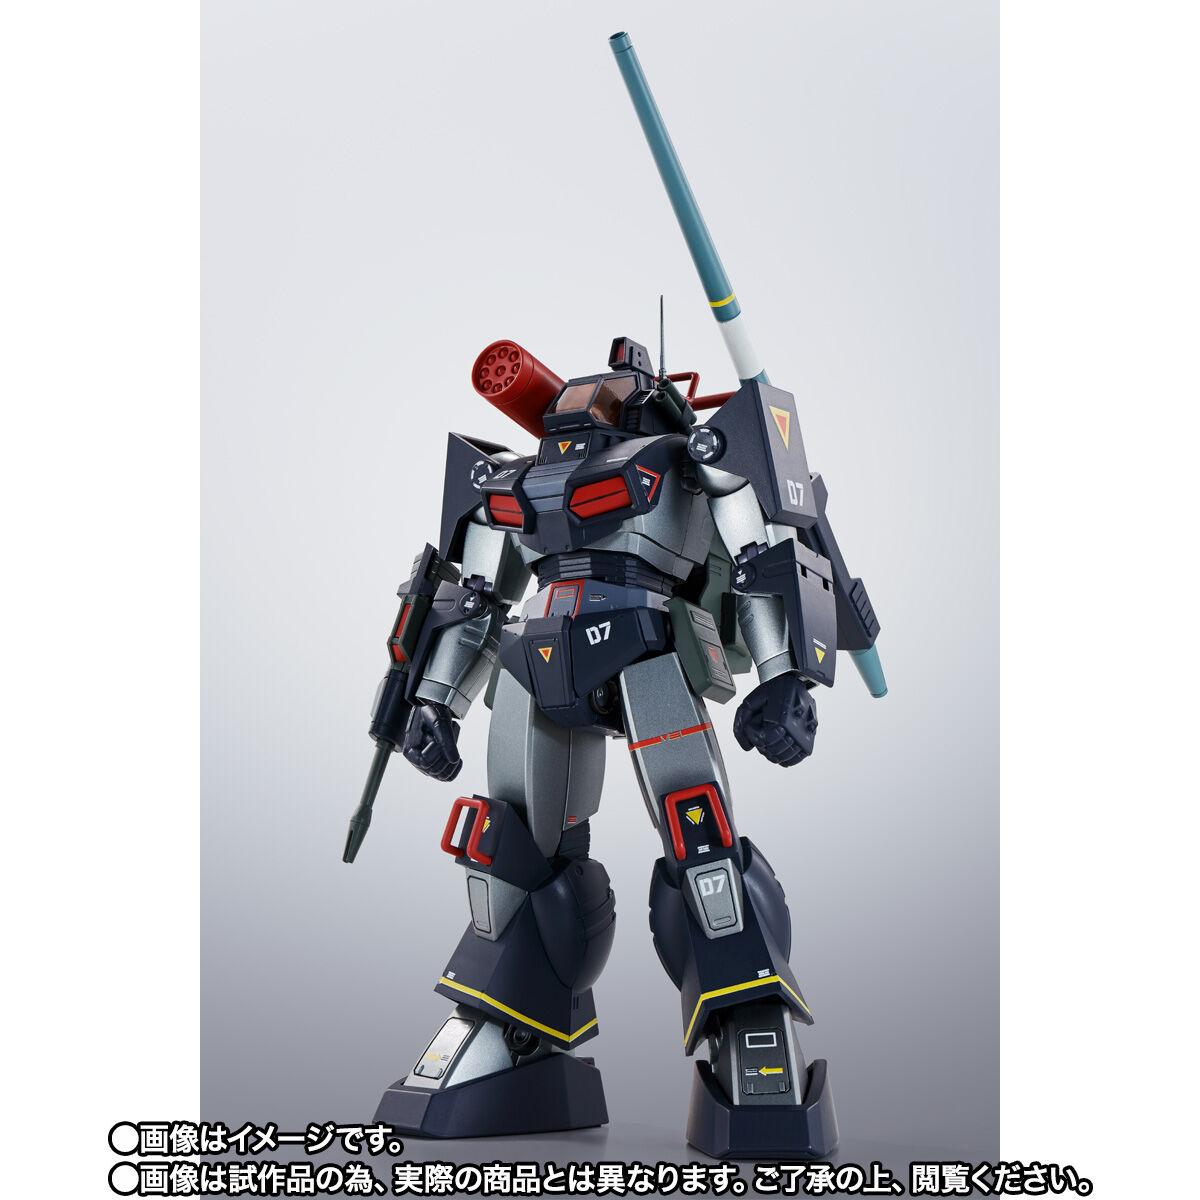 【限定販売】HI-METAL R『ダグラム & インステッド 40th Anniv.』太陽の牙ダグラム 可動フィギュア-004